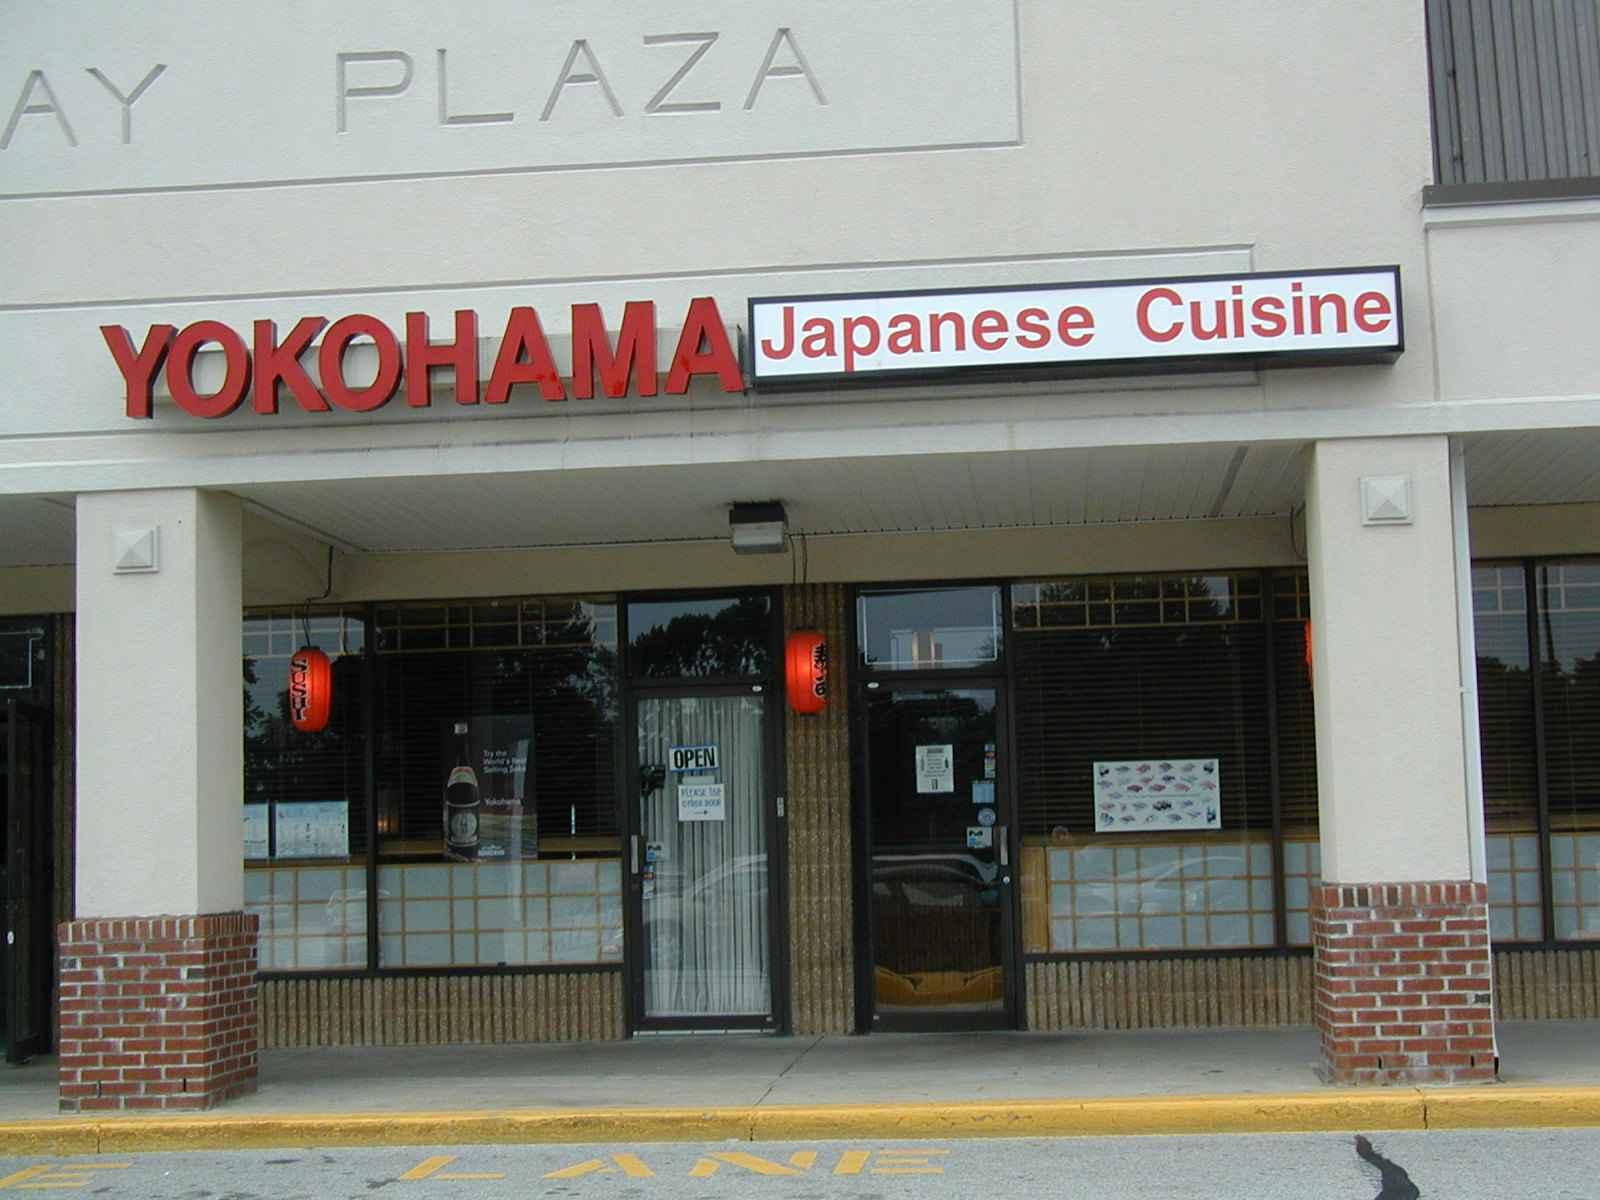 Yokohama Maple Shade Nj Restaurant And Sushi Bar